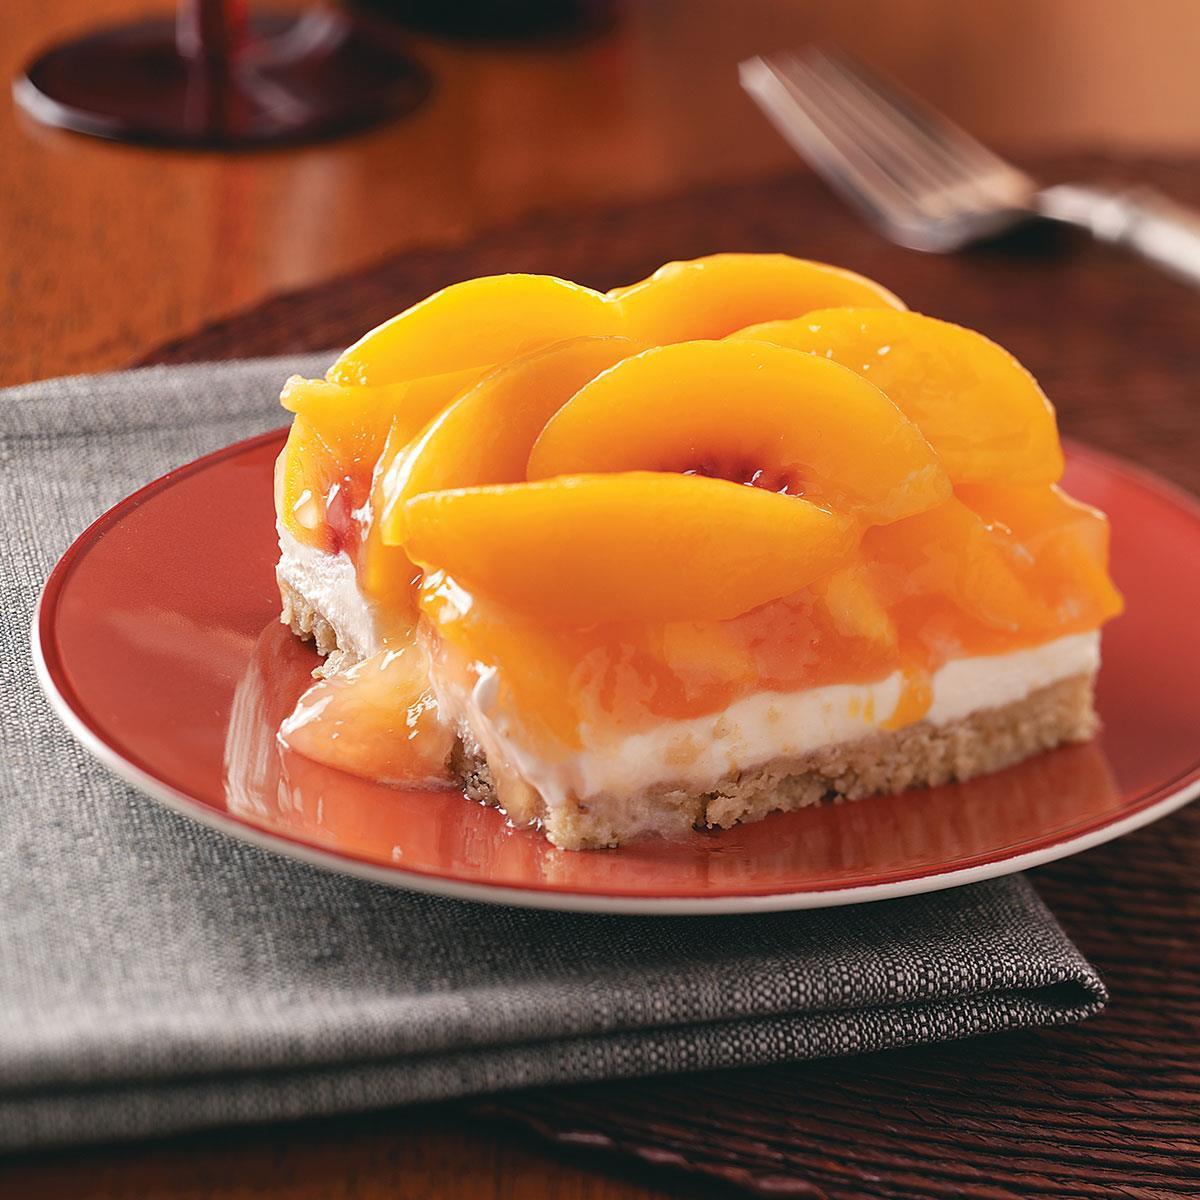 Desserts With Peaches  Peaches & Cream Dessert Recipe